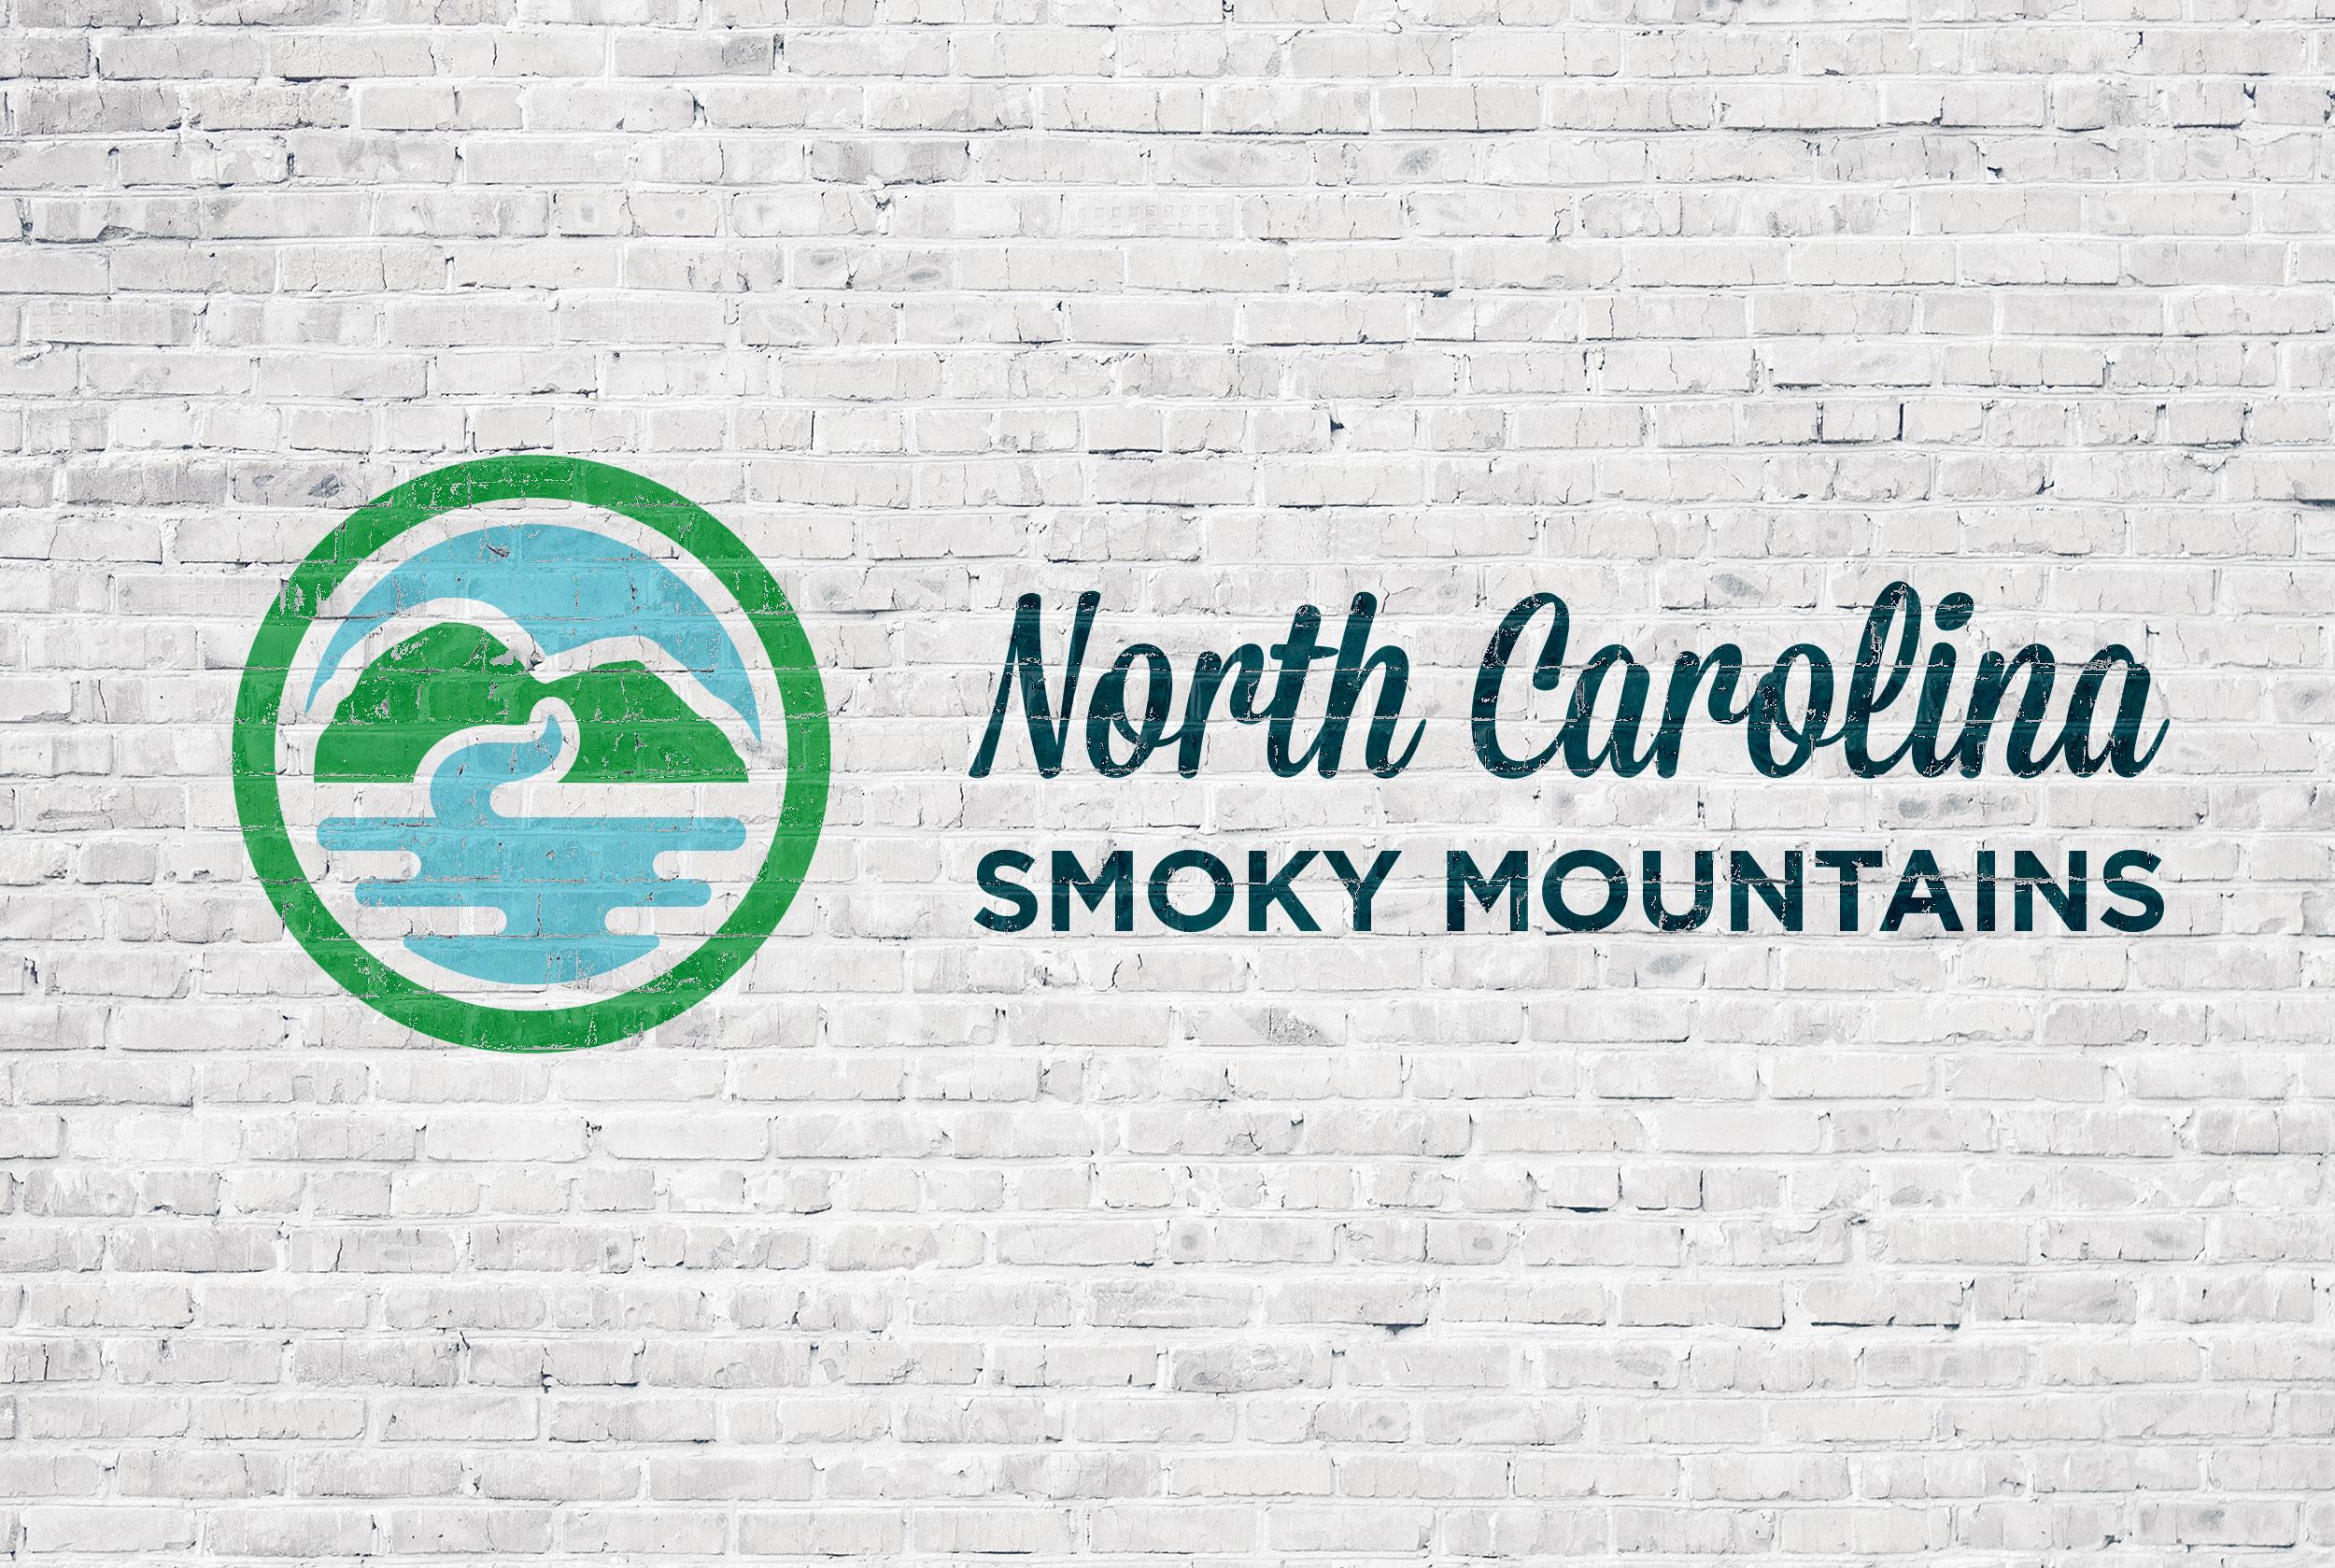 RDC-SmokYMountainHost-Logos.jpg